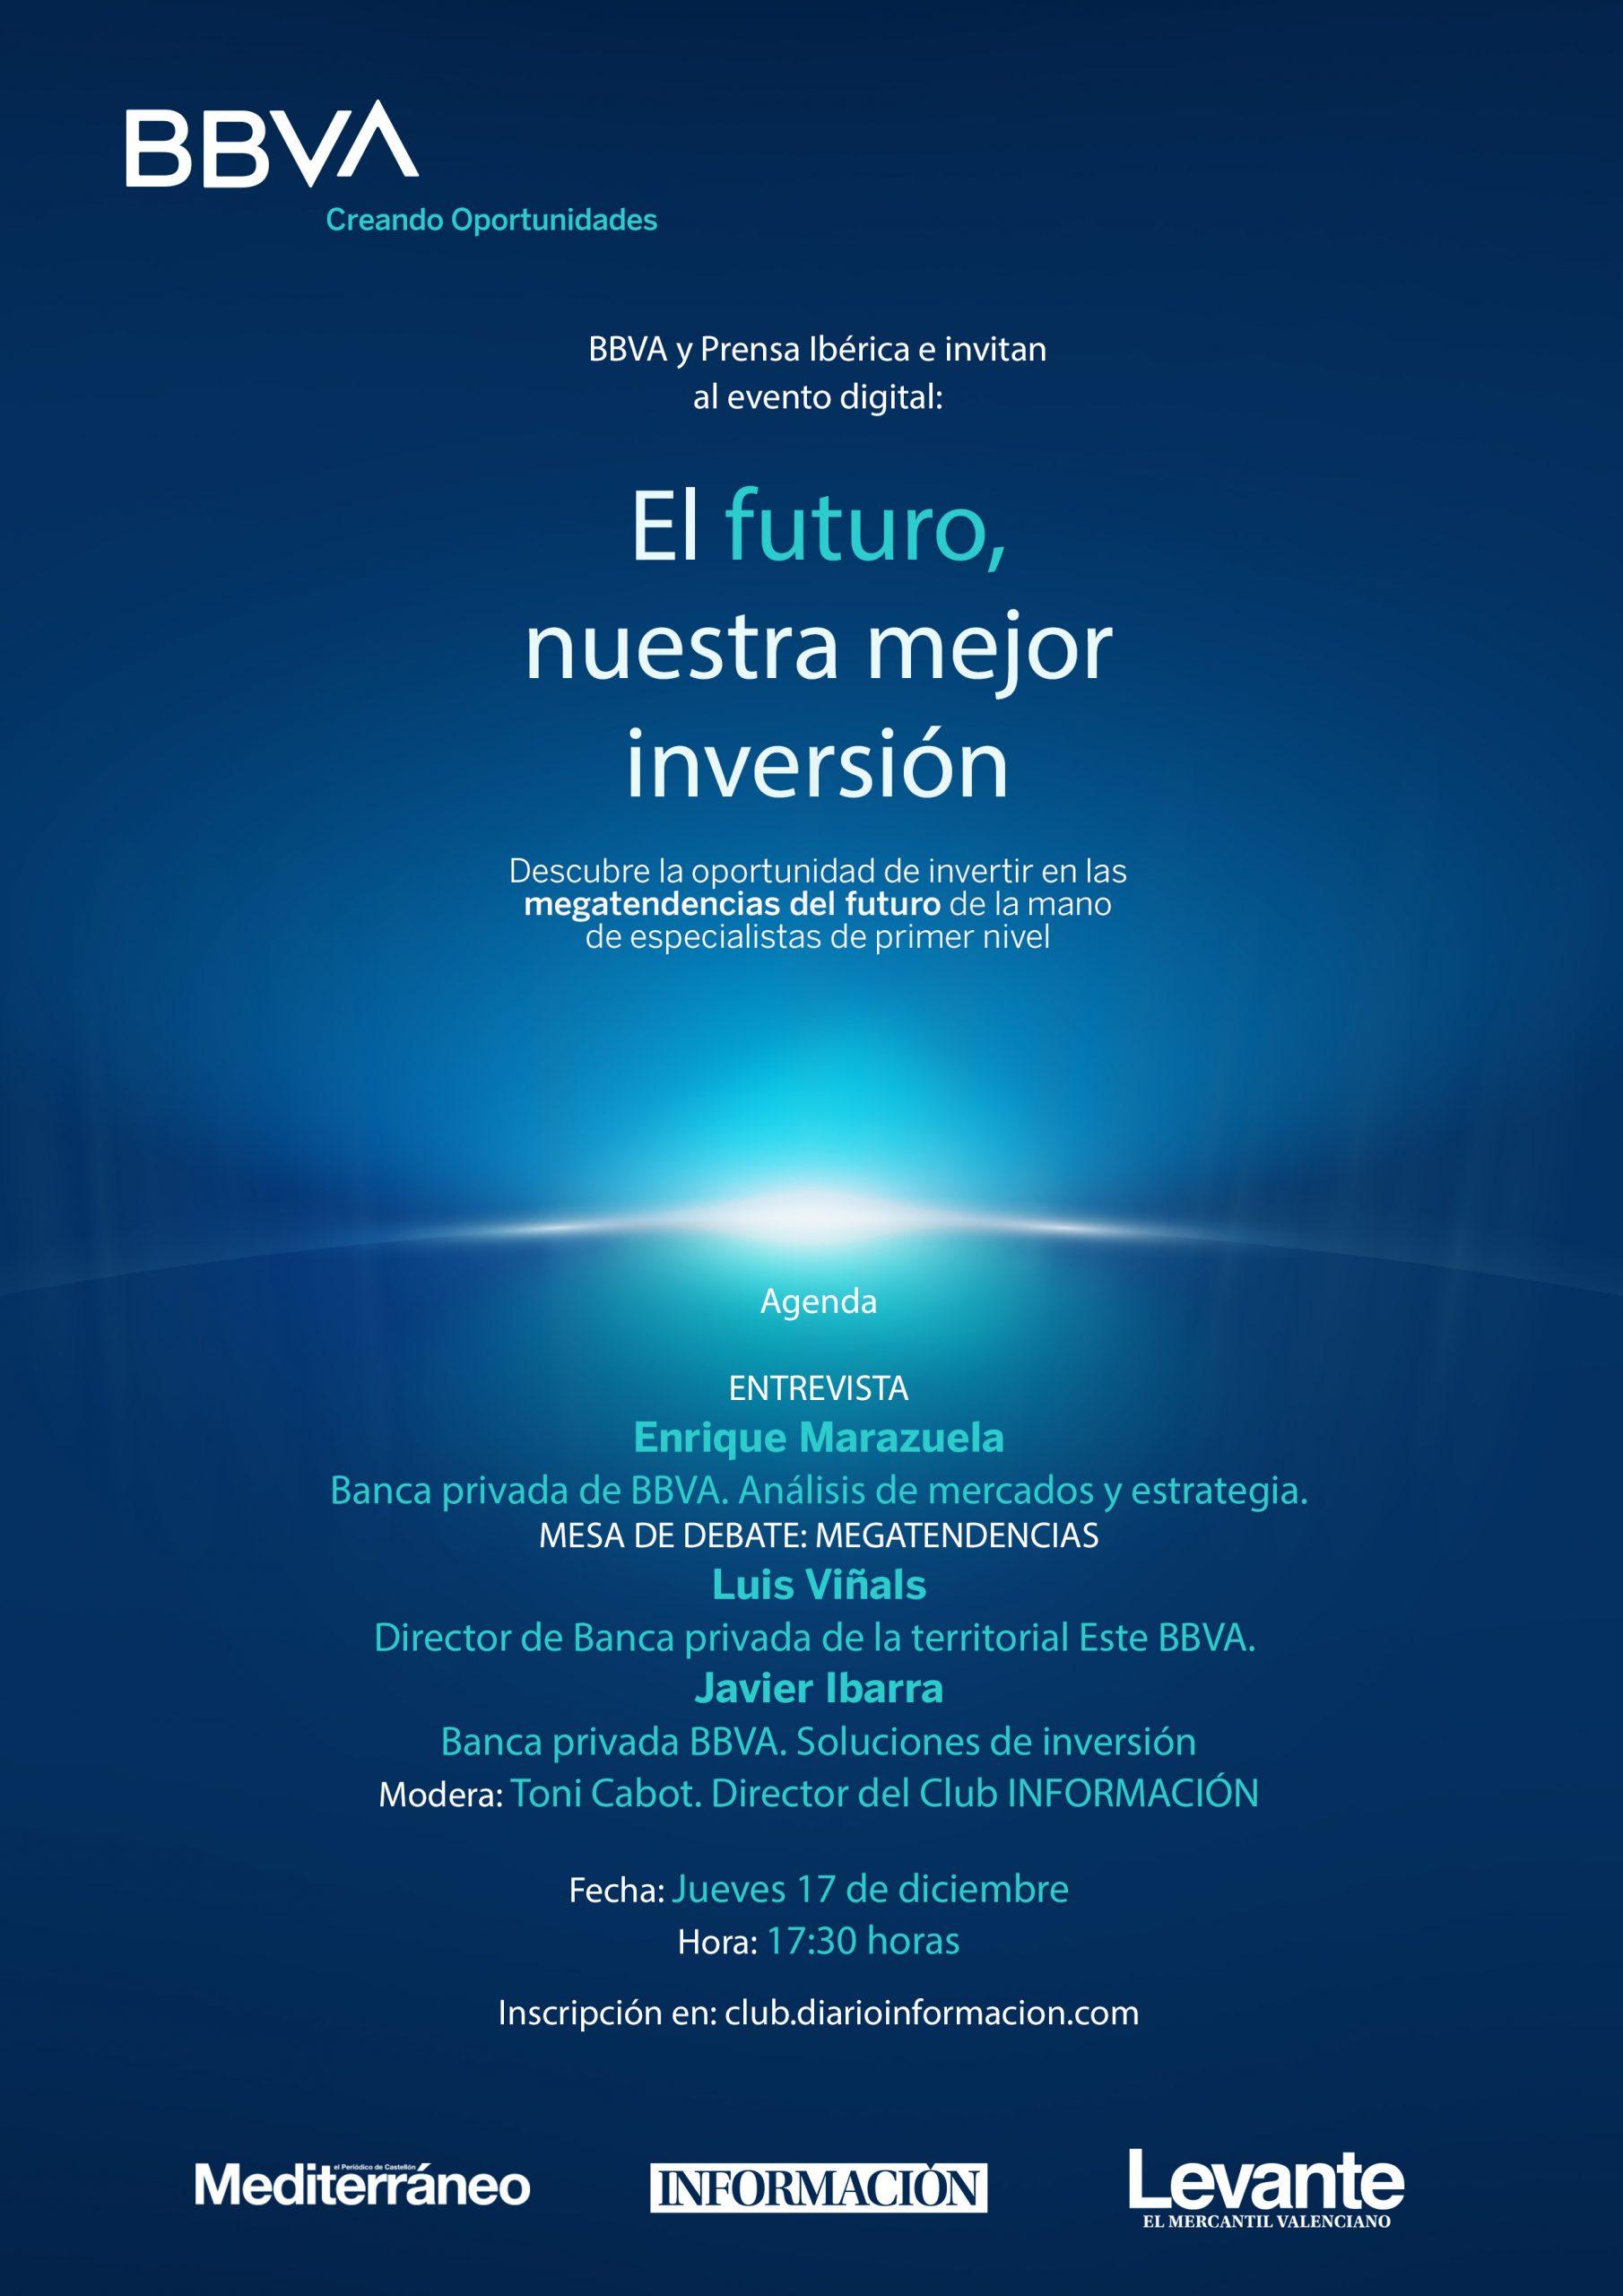 El futuro, nuestra mejor inversión